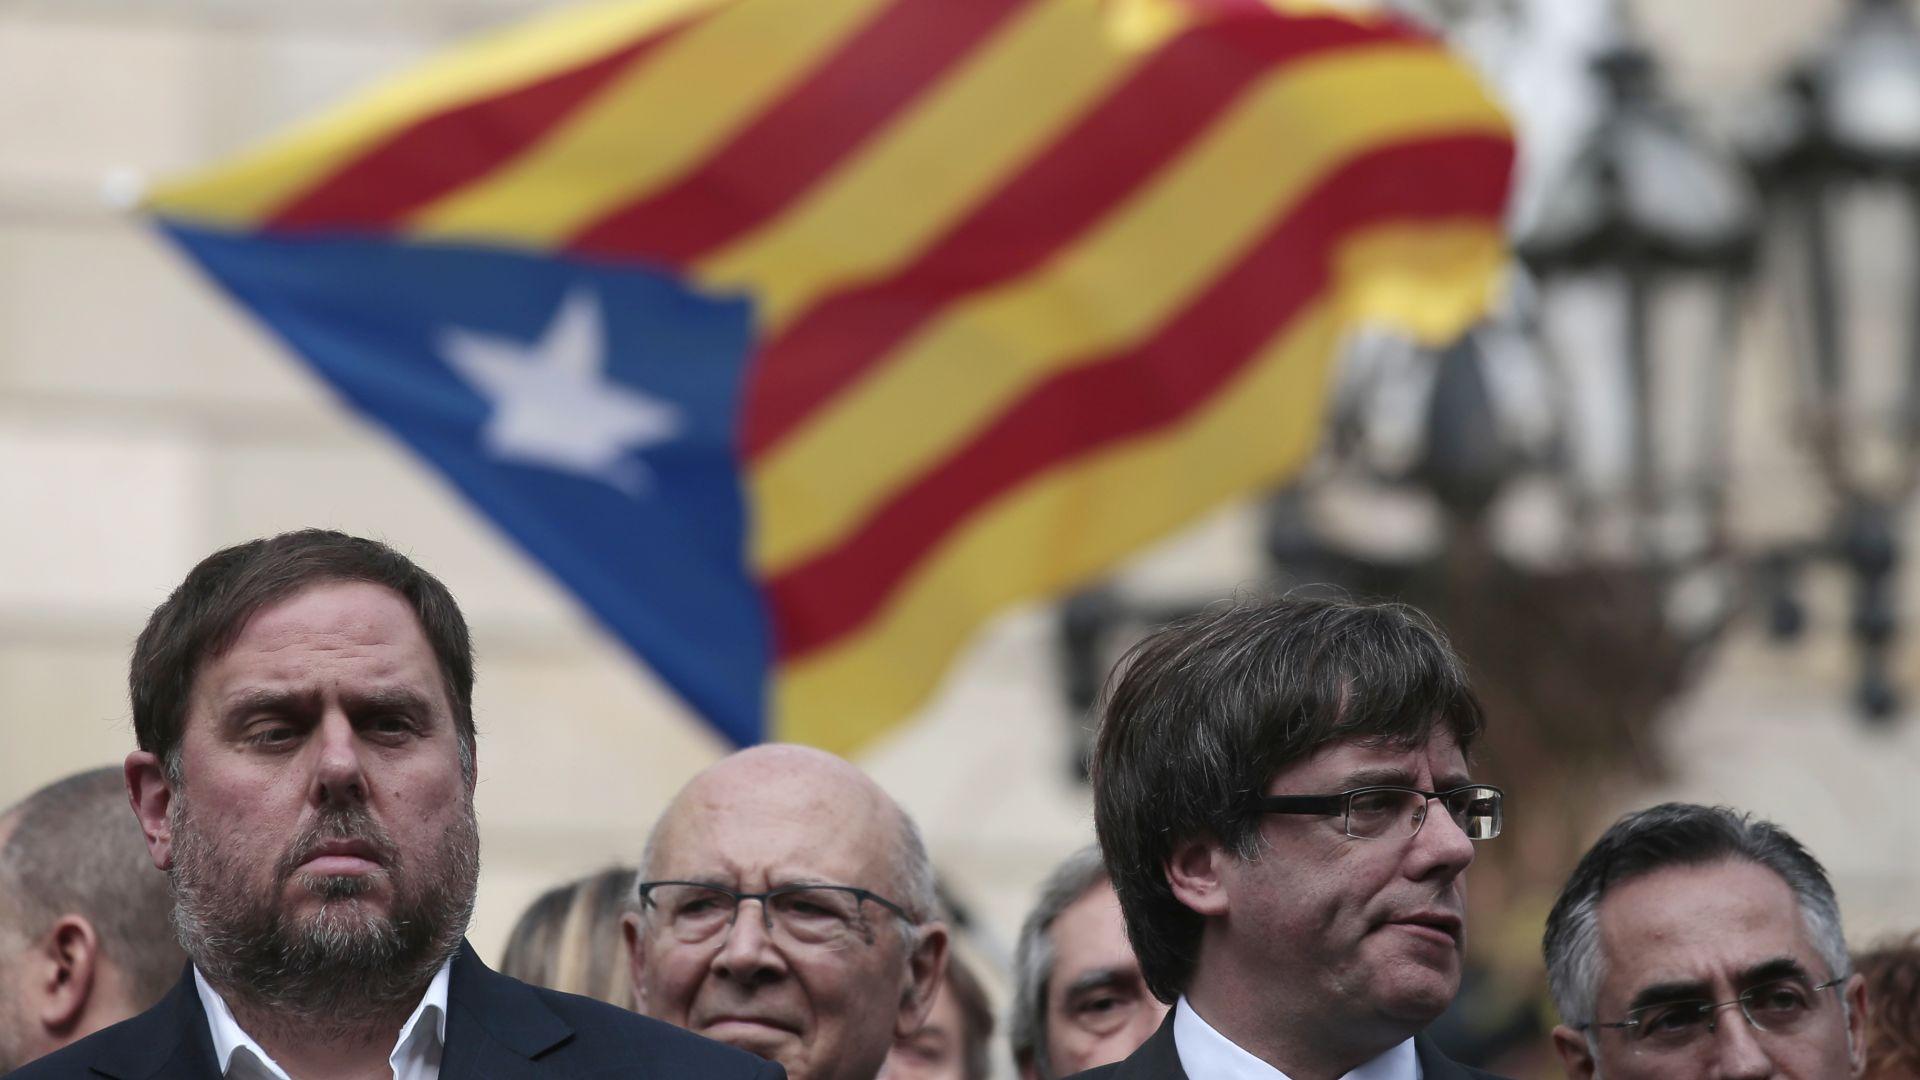 Високо напрежение в Испания: Съдят 12 каталунски сепаратистки лидери